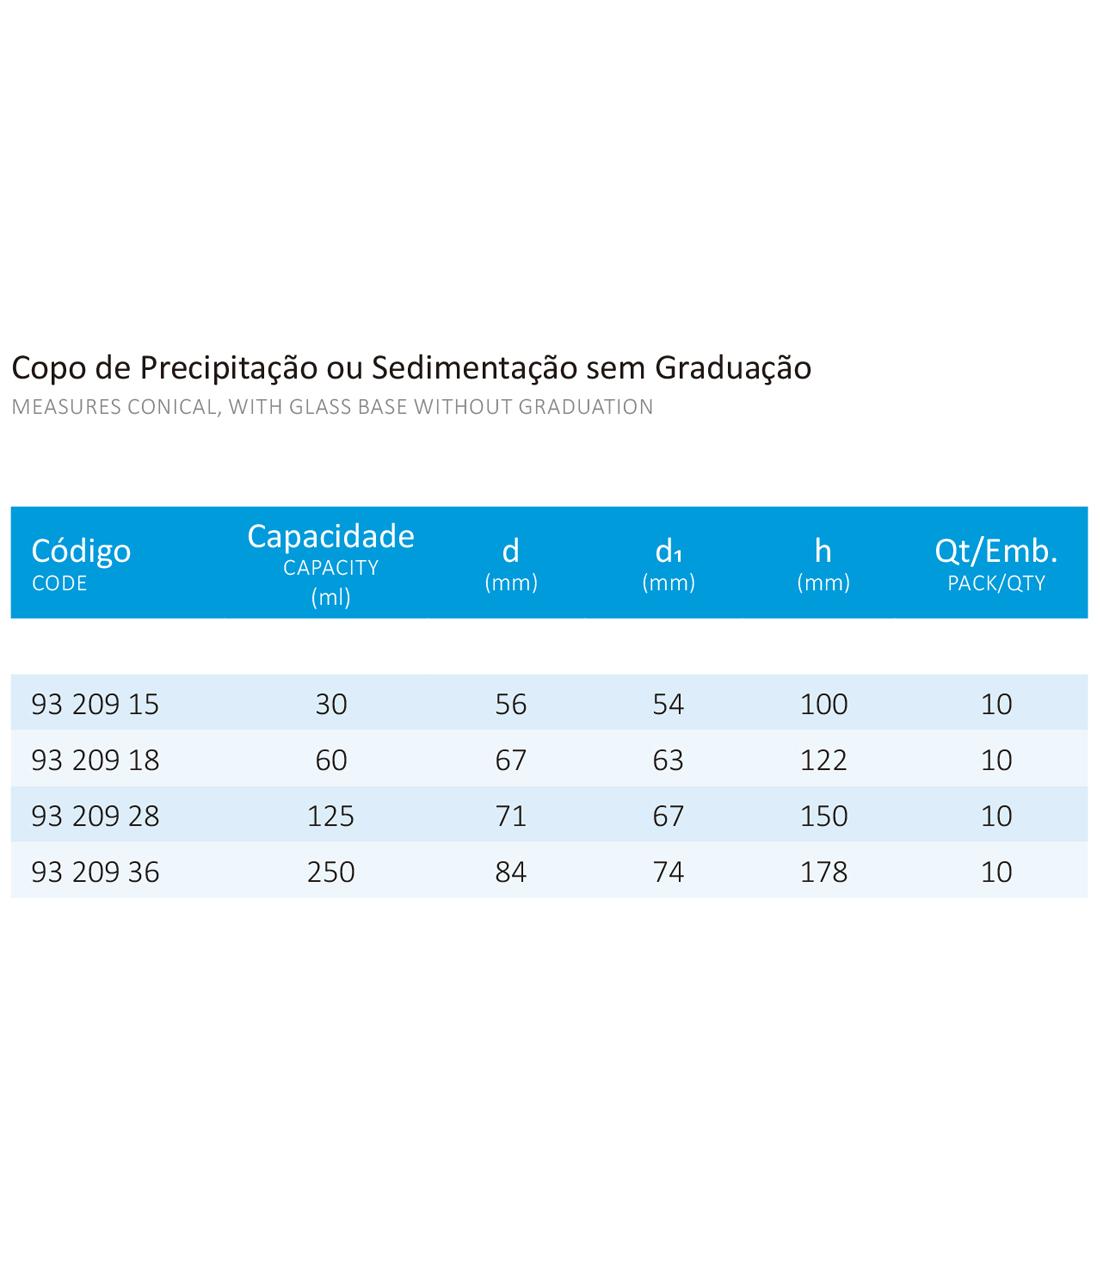 COPO DE PRECIPITACAO S/ GRADUACAO 250 ML - Laborglas - Cód. 9320936